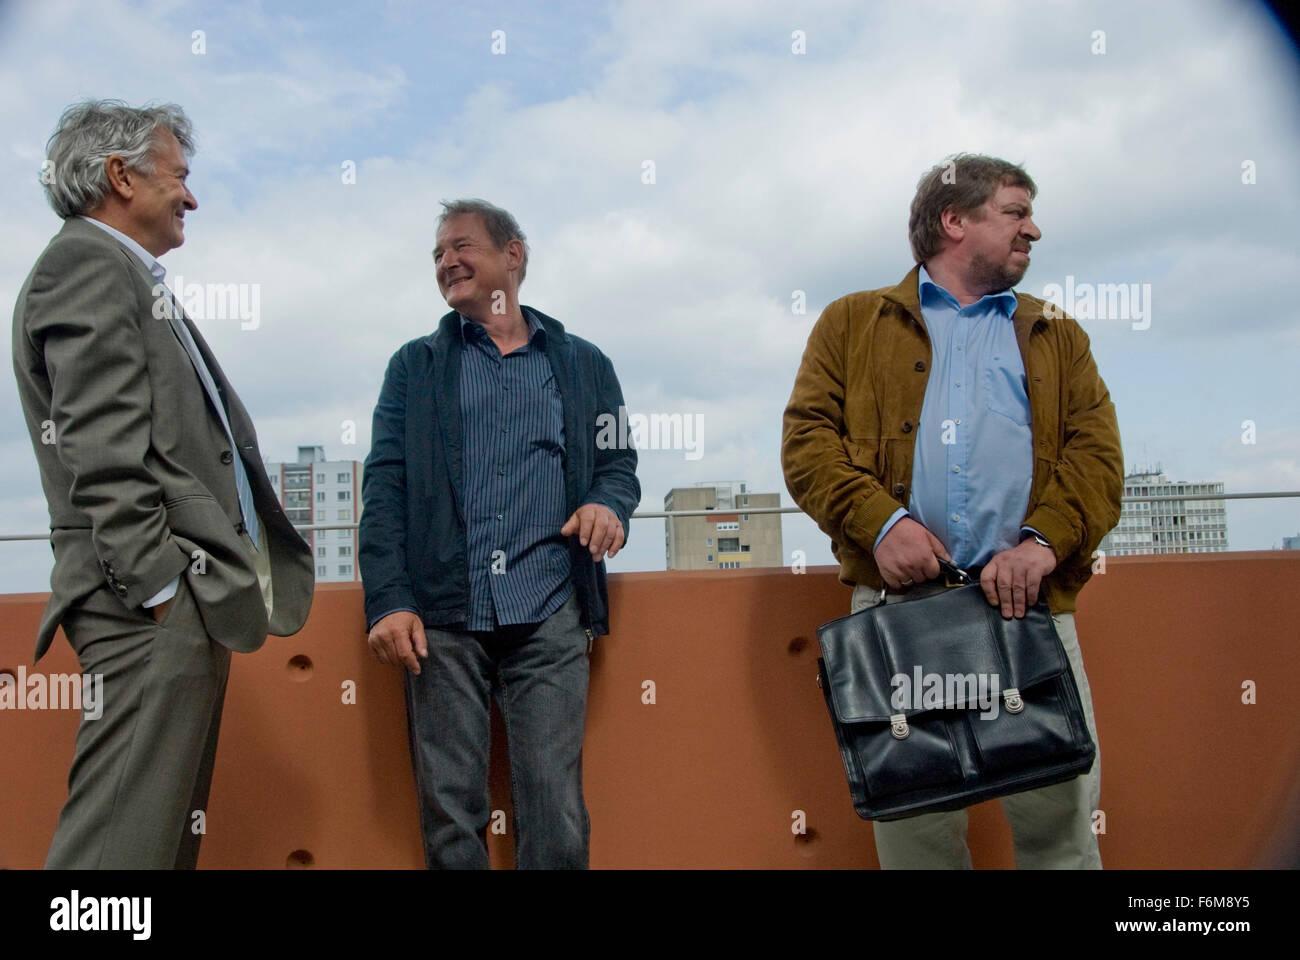 DATUM DER FREIGABE: 2009. FILMTITEL: Verändern Sie Und Schonheit. STUDIO: ARTE. PLOT:. Im Bild: HENRY HUBCHEN Stockbild